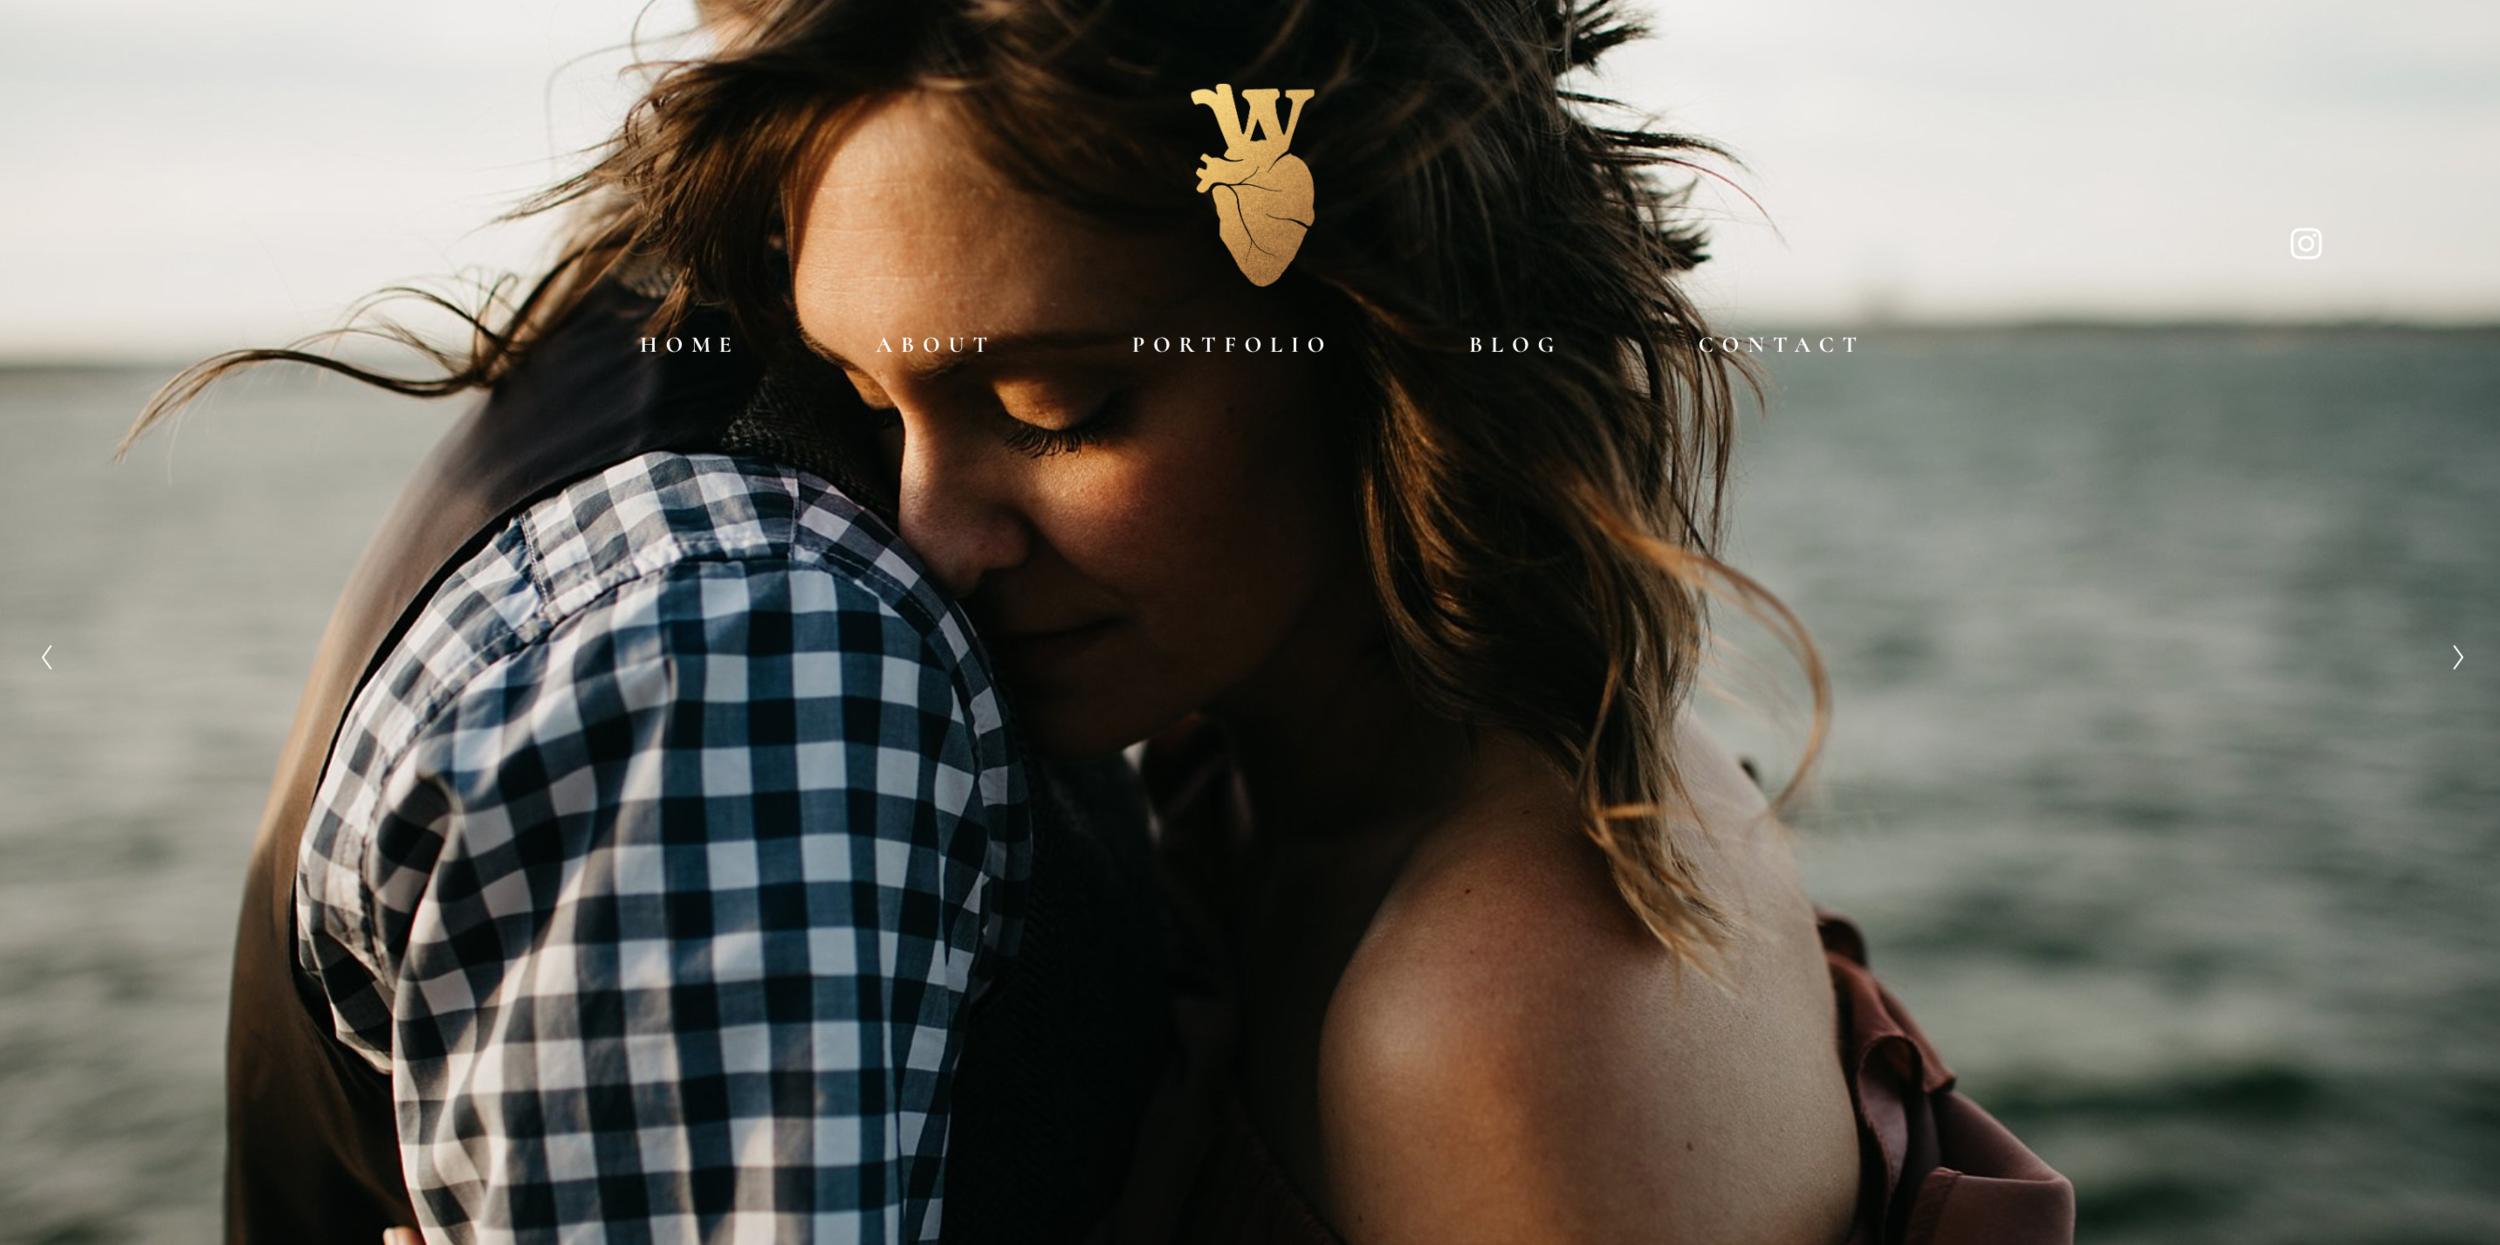 wilderlove-co-website.jpg